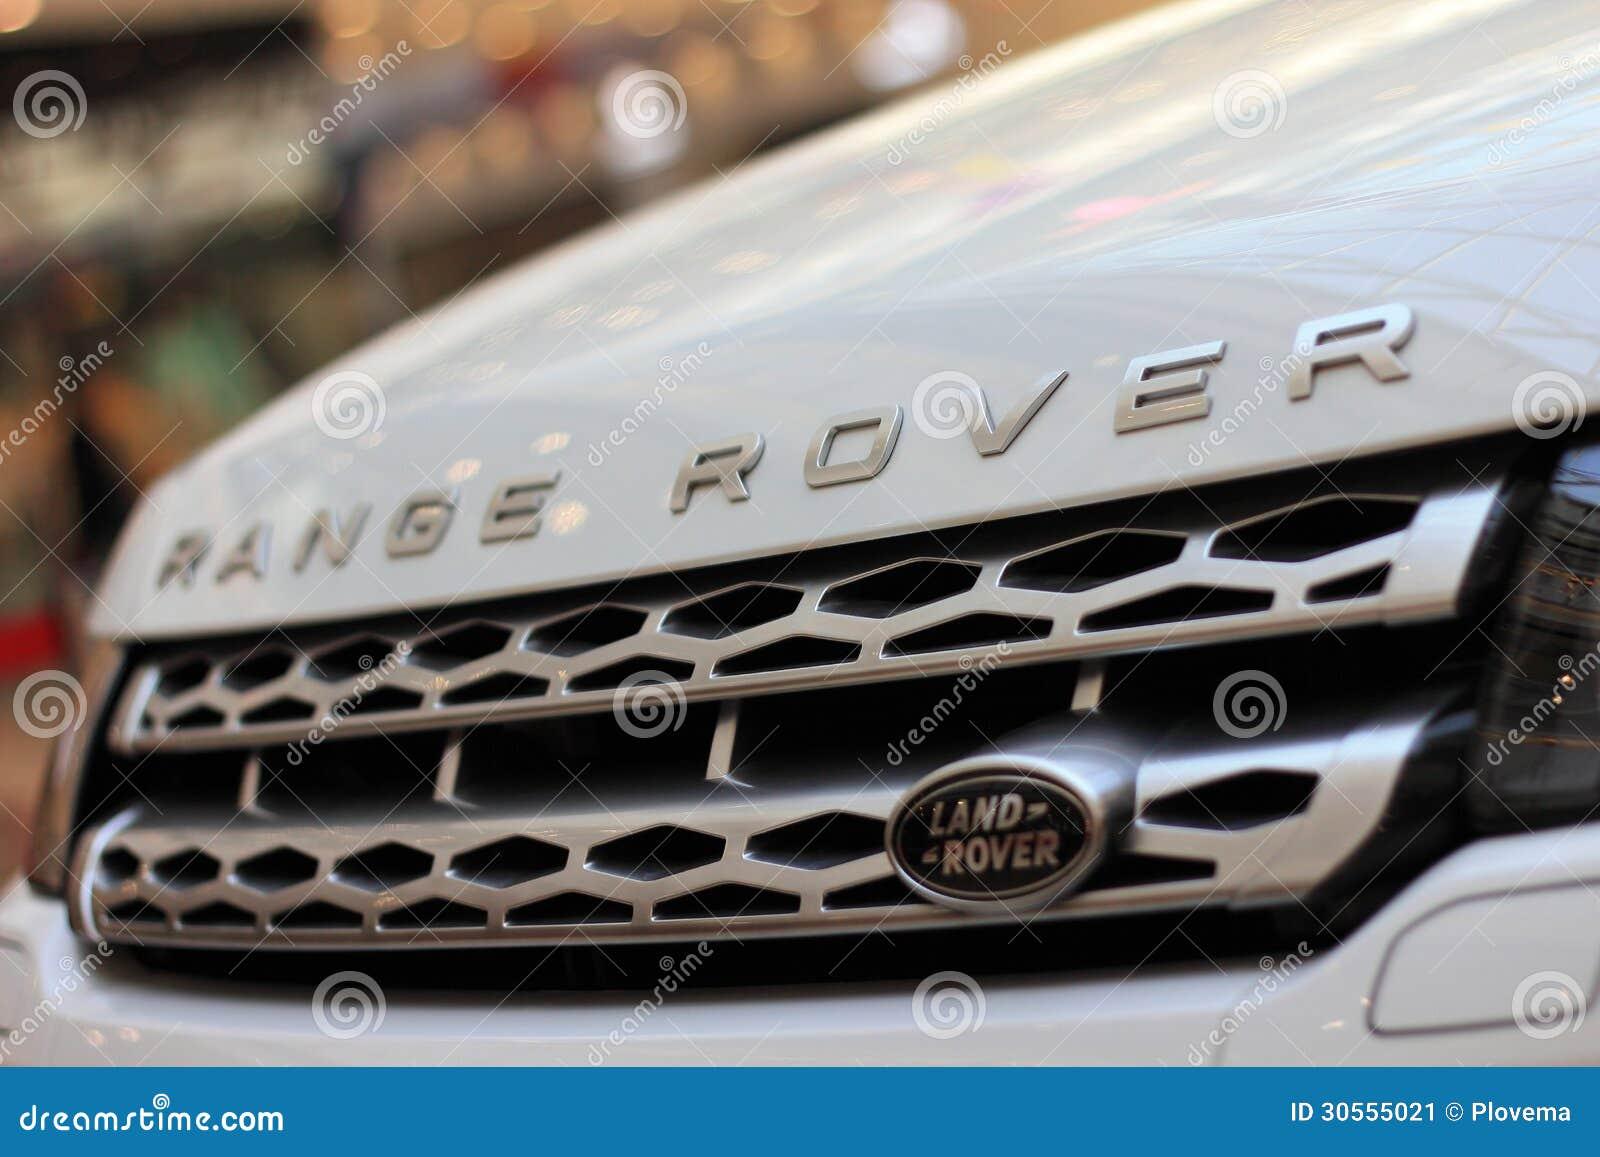 : Land Rover lo... Range Rover Car Logo